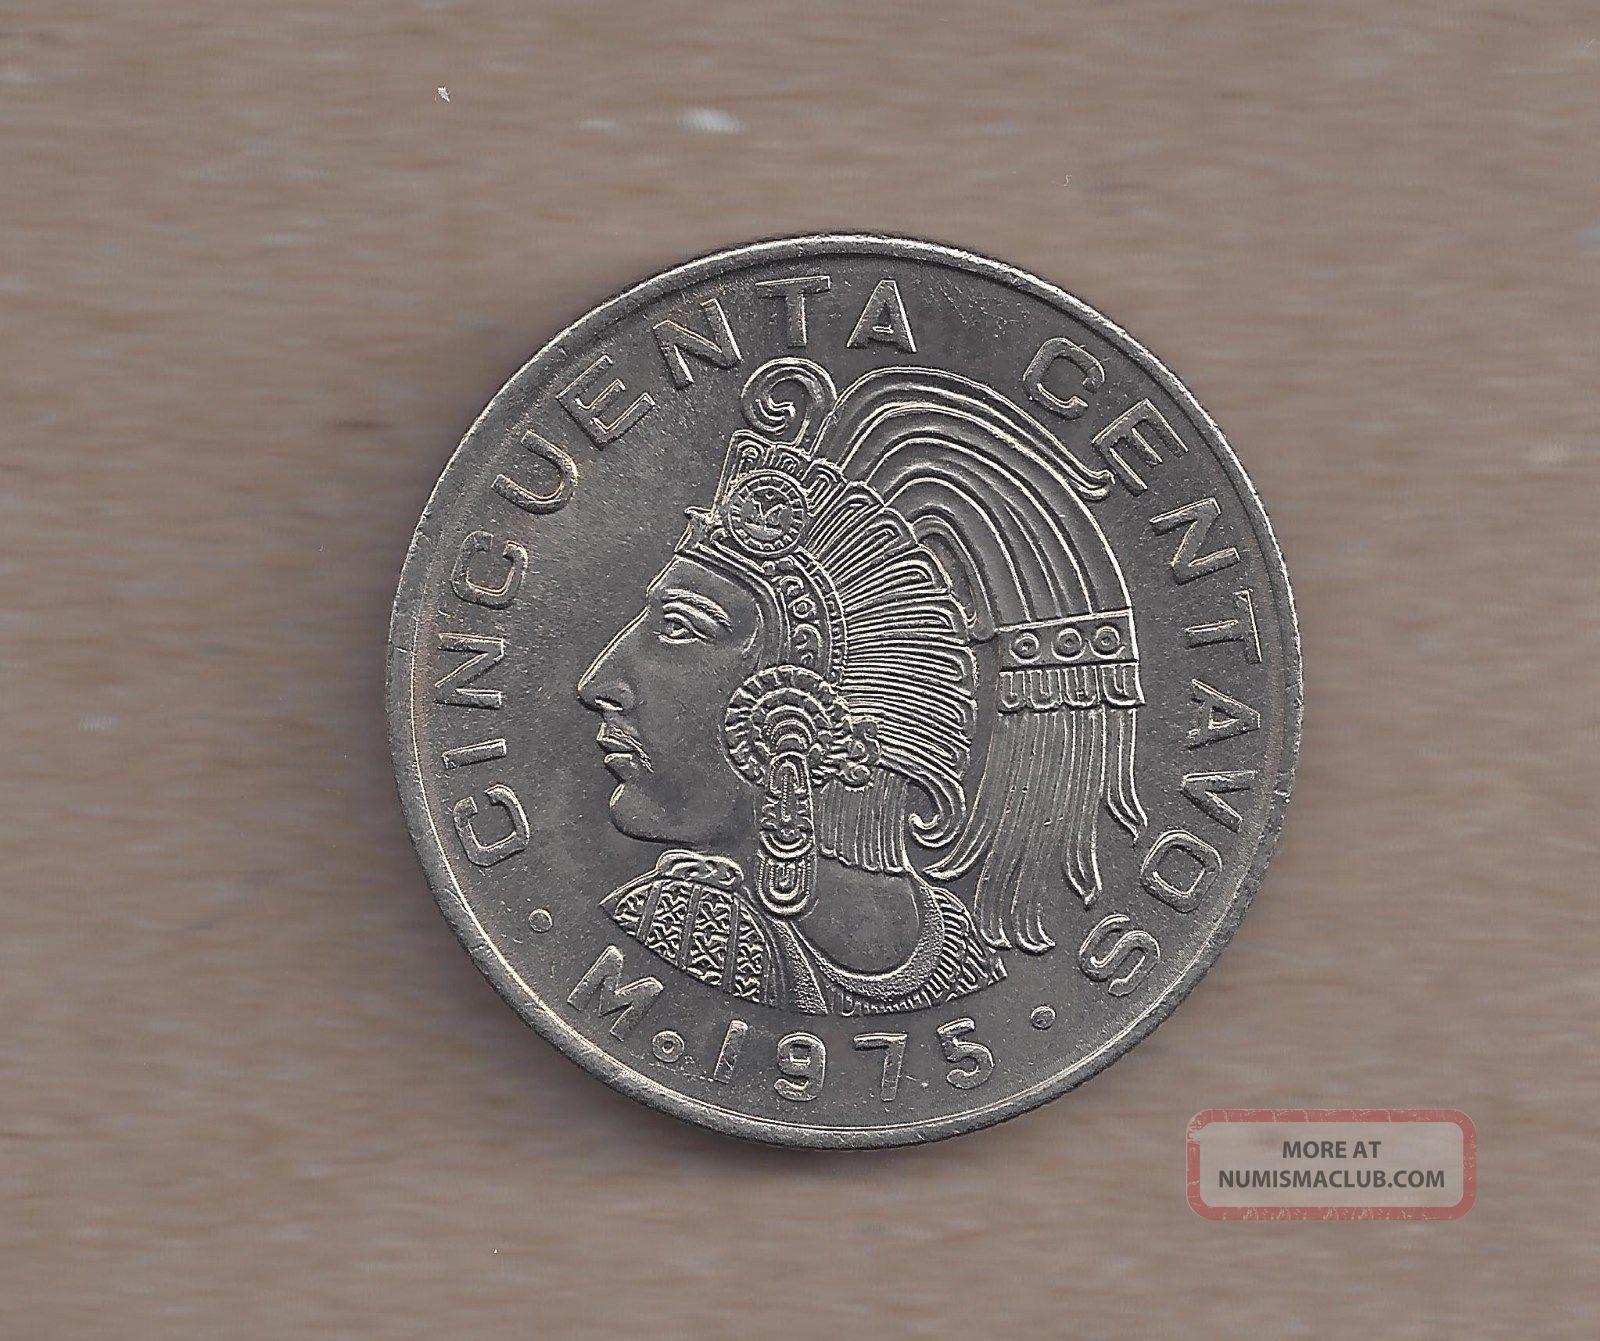 1975 Mexico Cincuenta Centavos With Dots Unc Coin